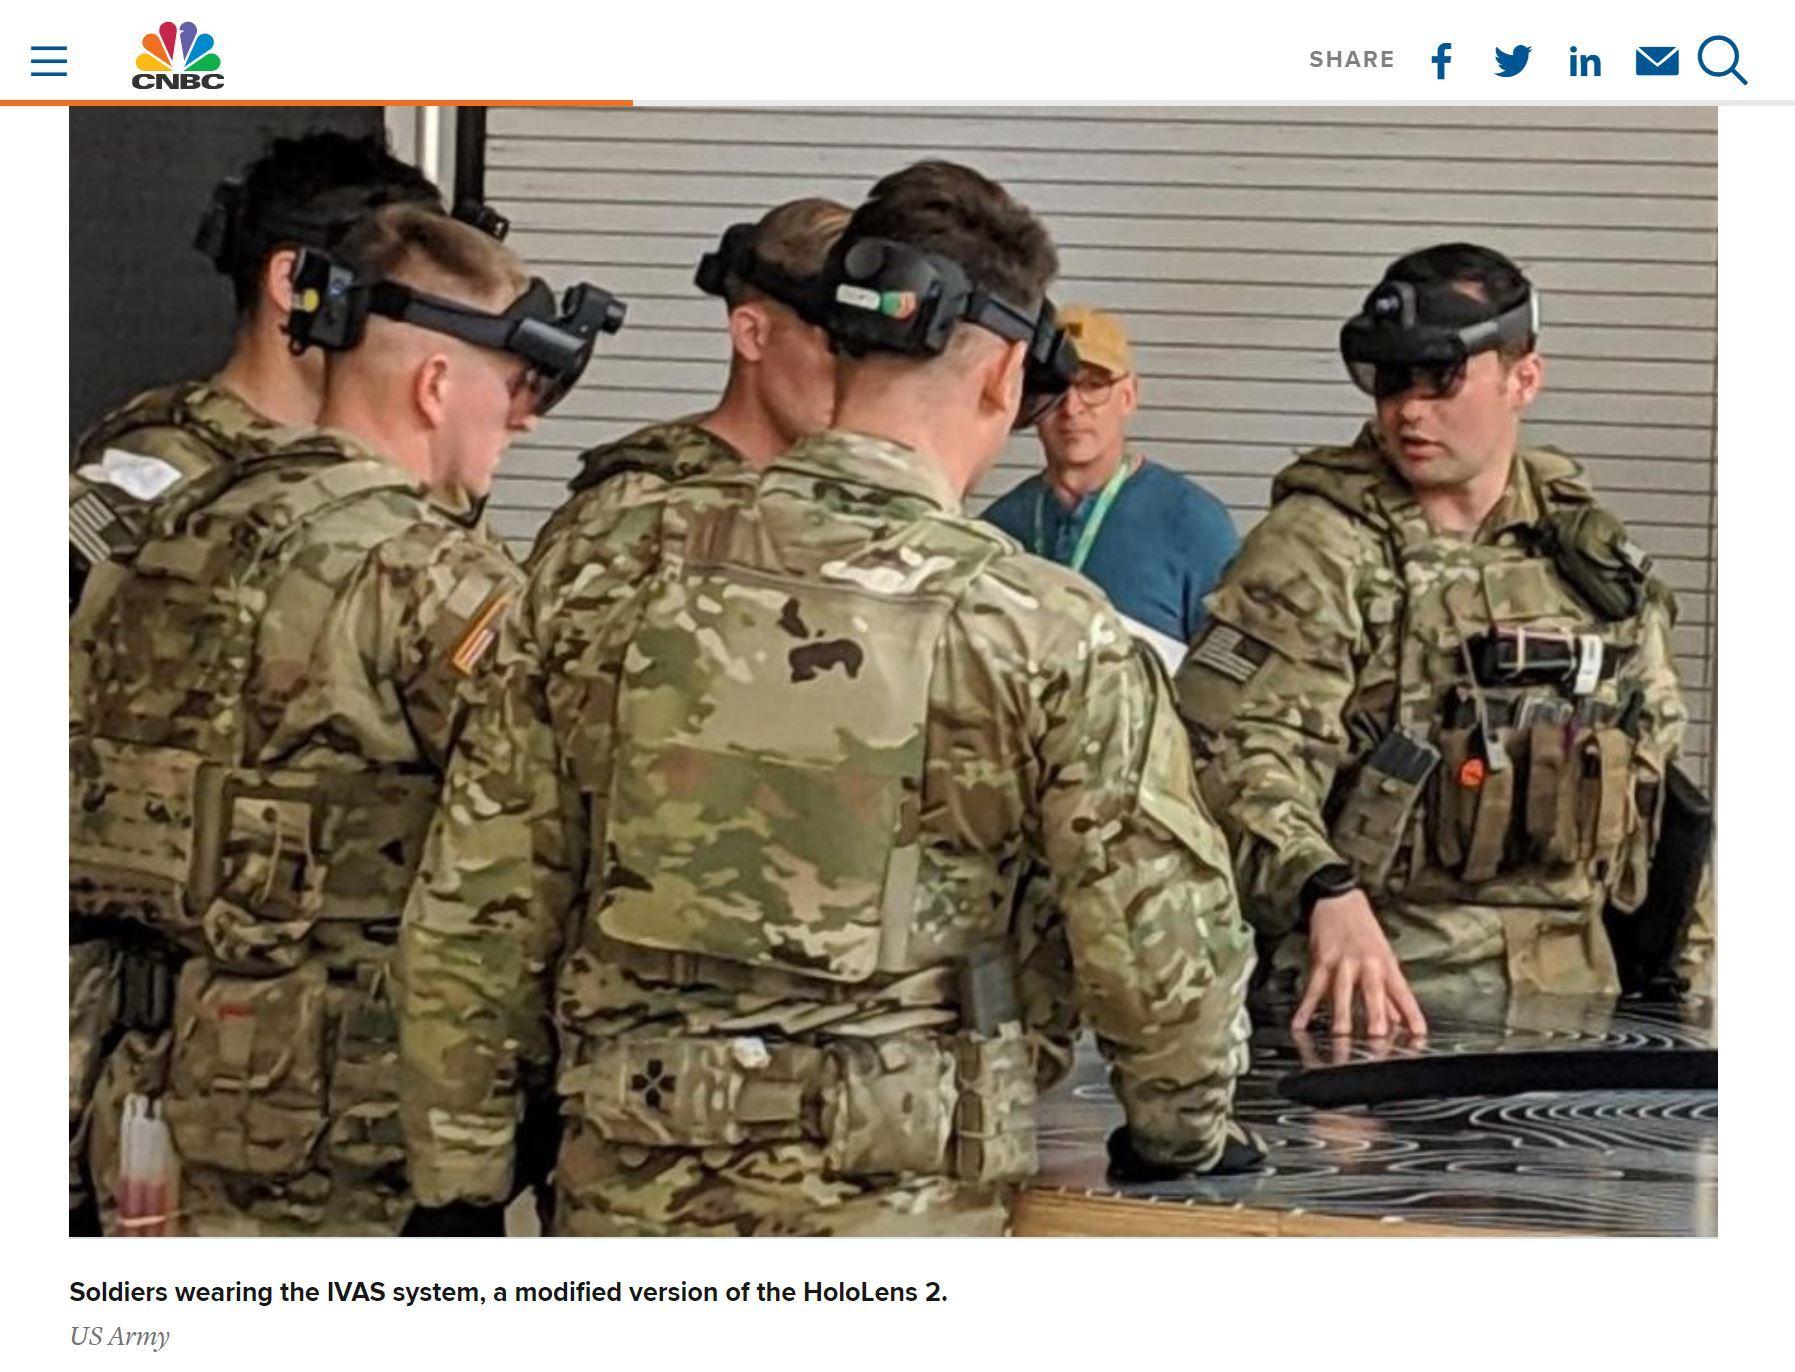 米陸軍、「HoloLens 2」ベースの軍事ヘッドセット「IVAS」プロトタイプを披露